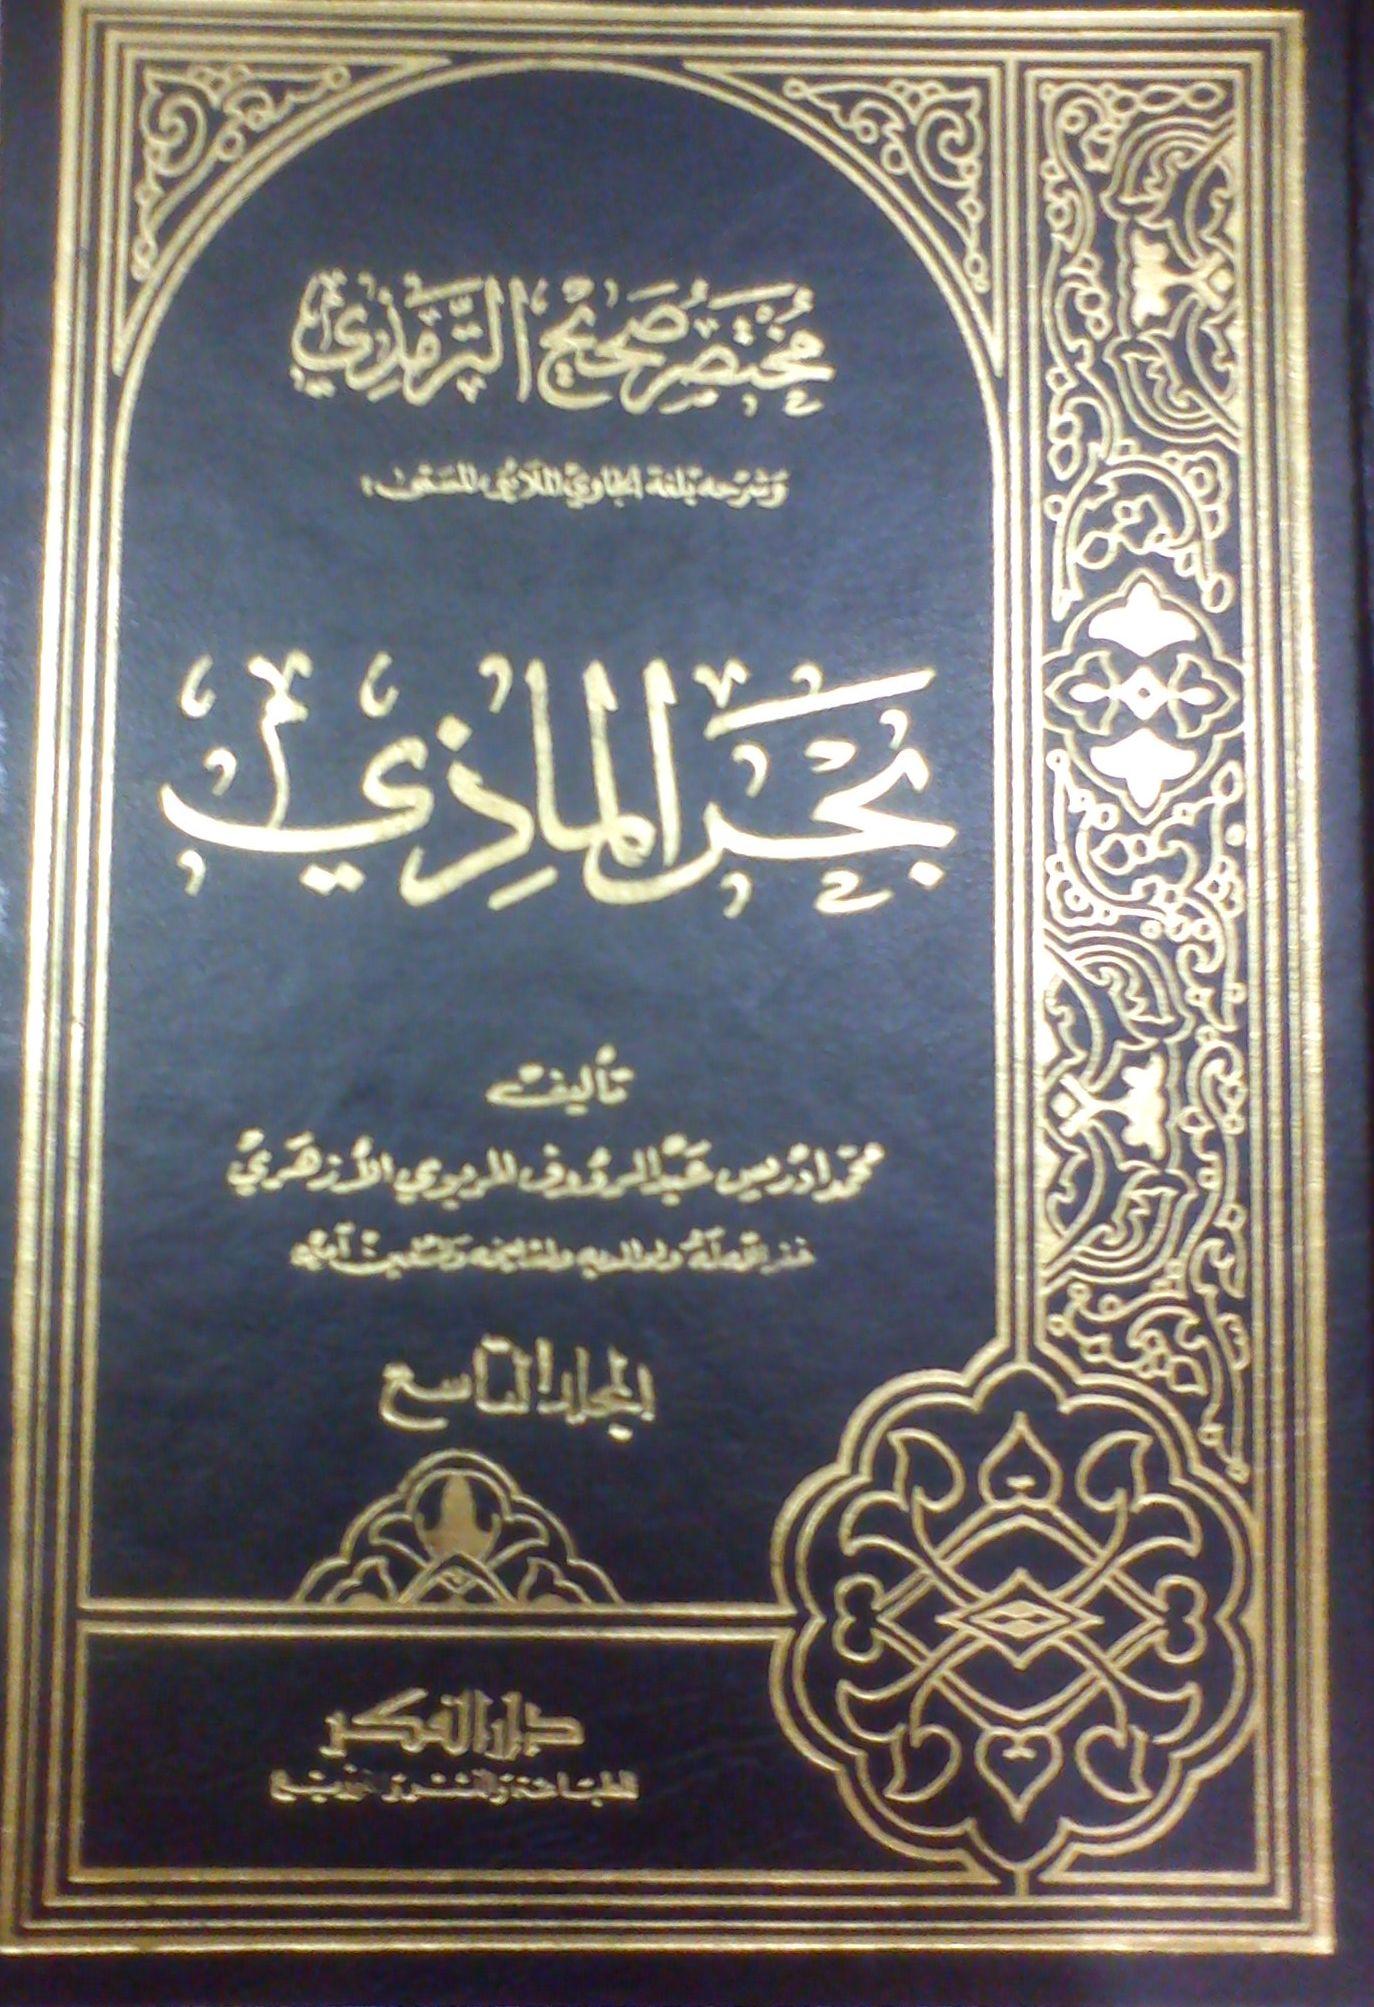 kitab BahrulMazi